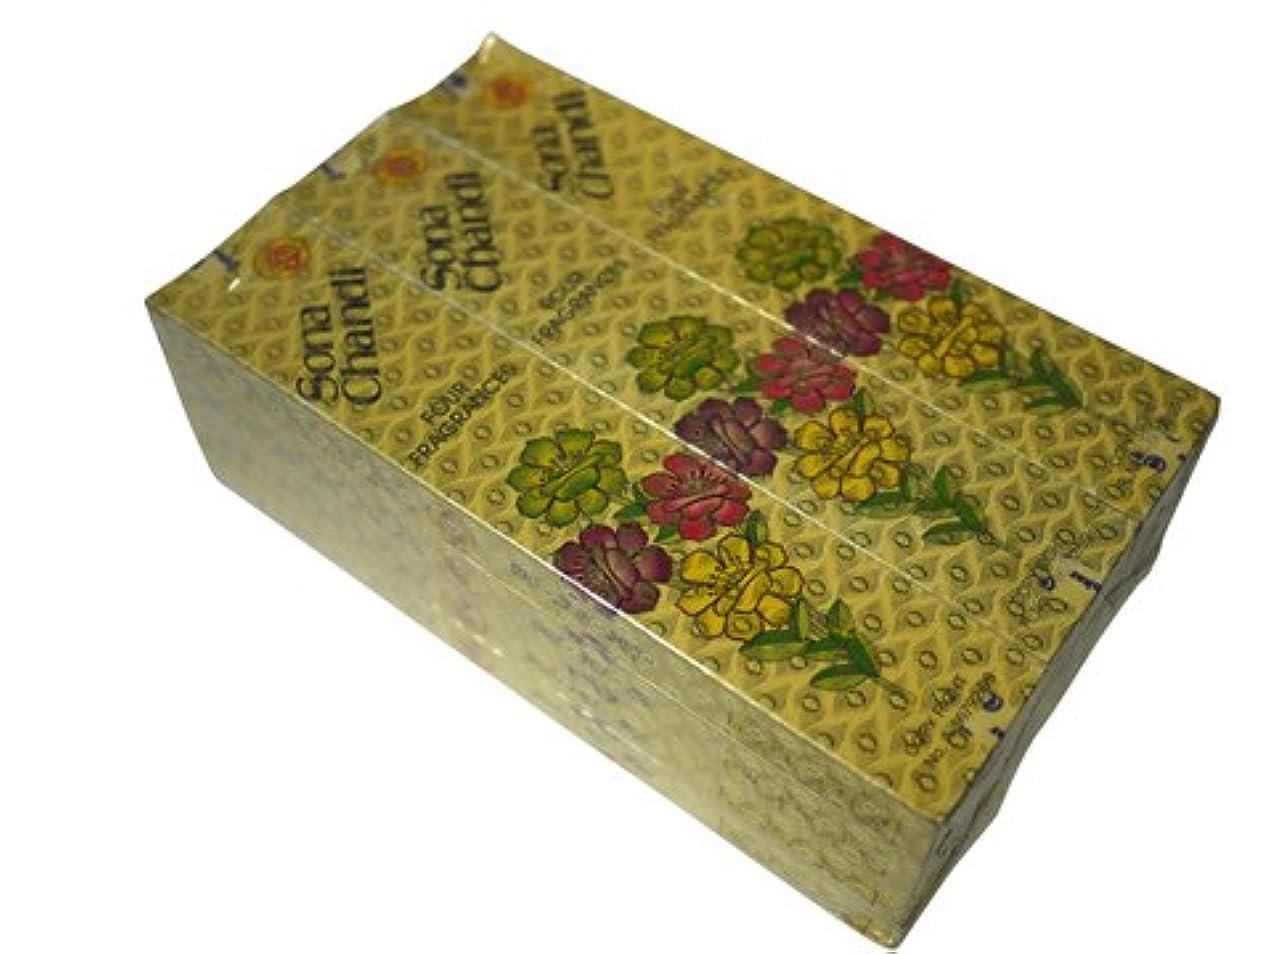 他に怒っているデマンドSHANKAR'S(シャンカーズ) ソナチャンディ香 スティック SONA CHANDI 12箱セット